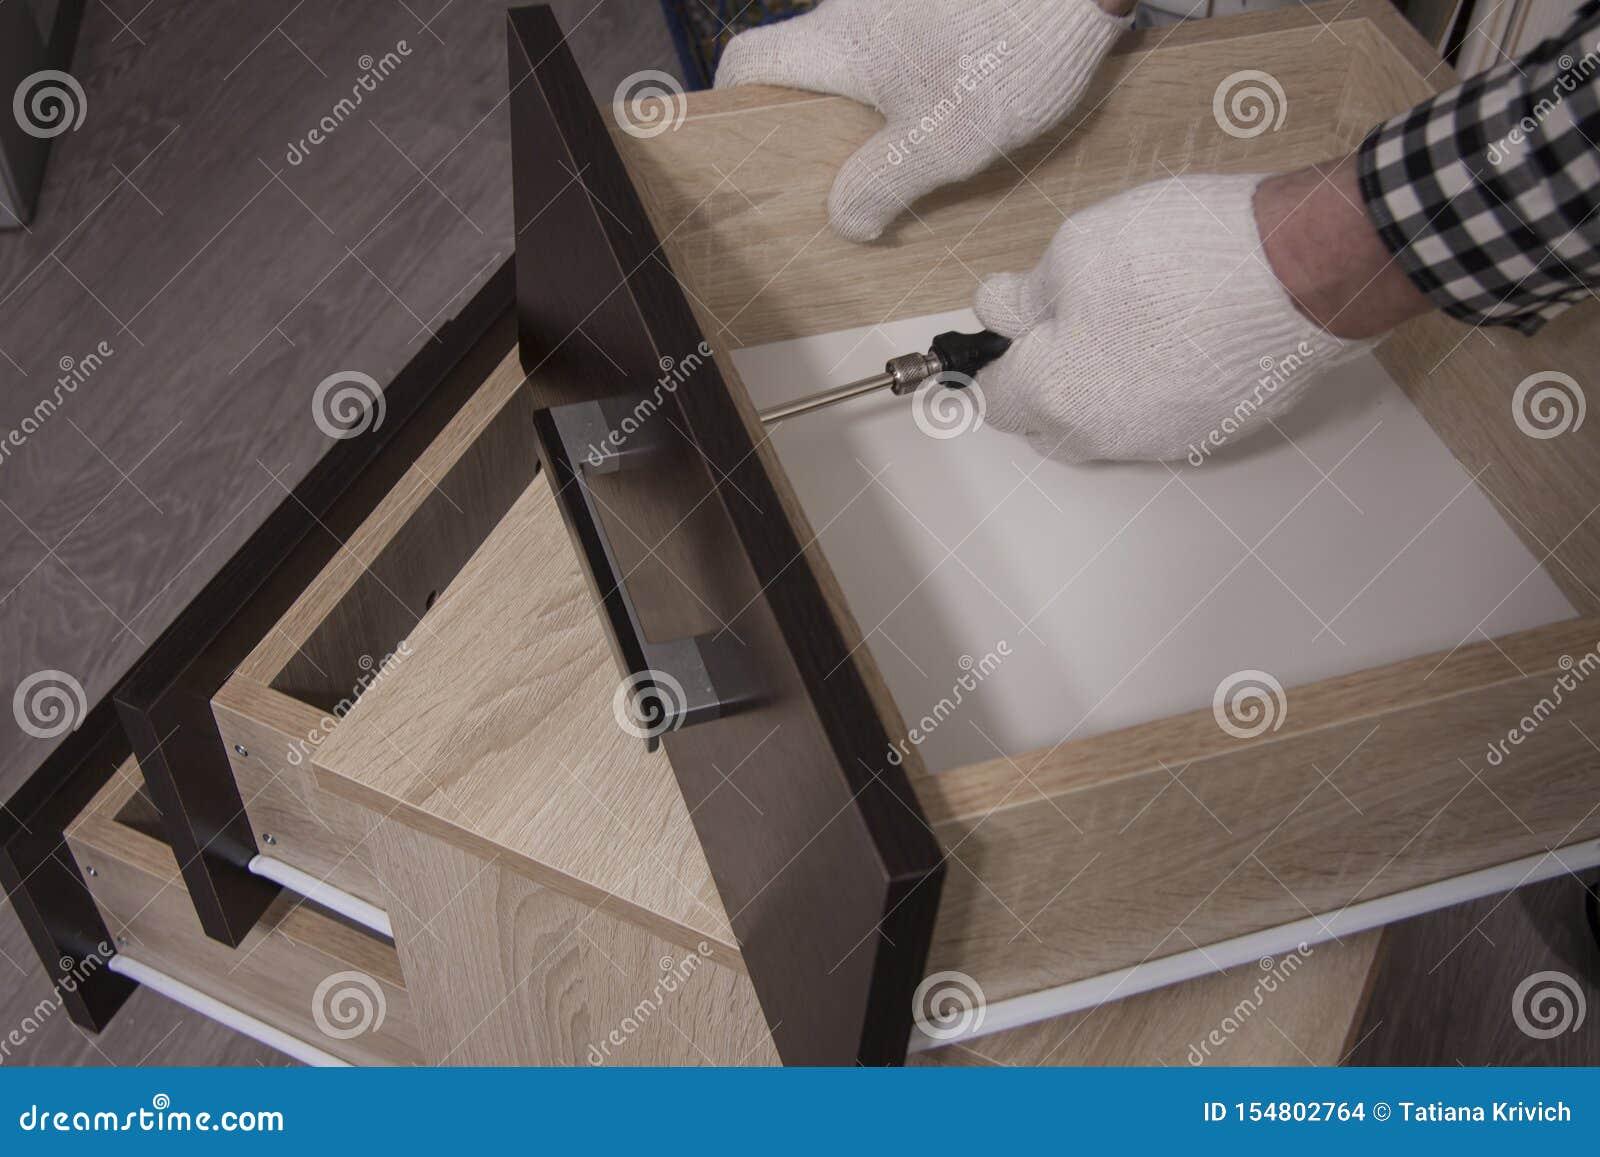 Ремонт и установка мебели в комнате